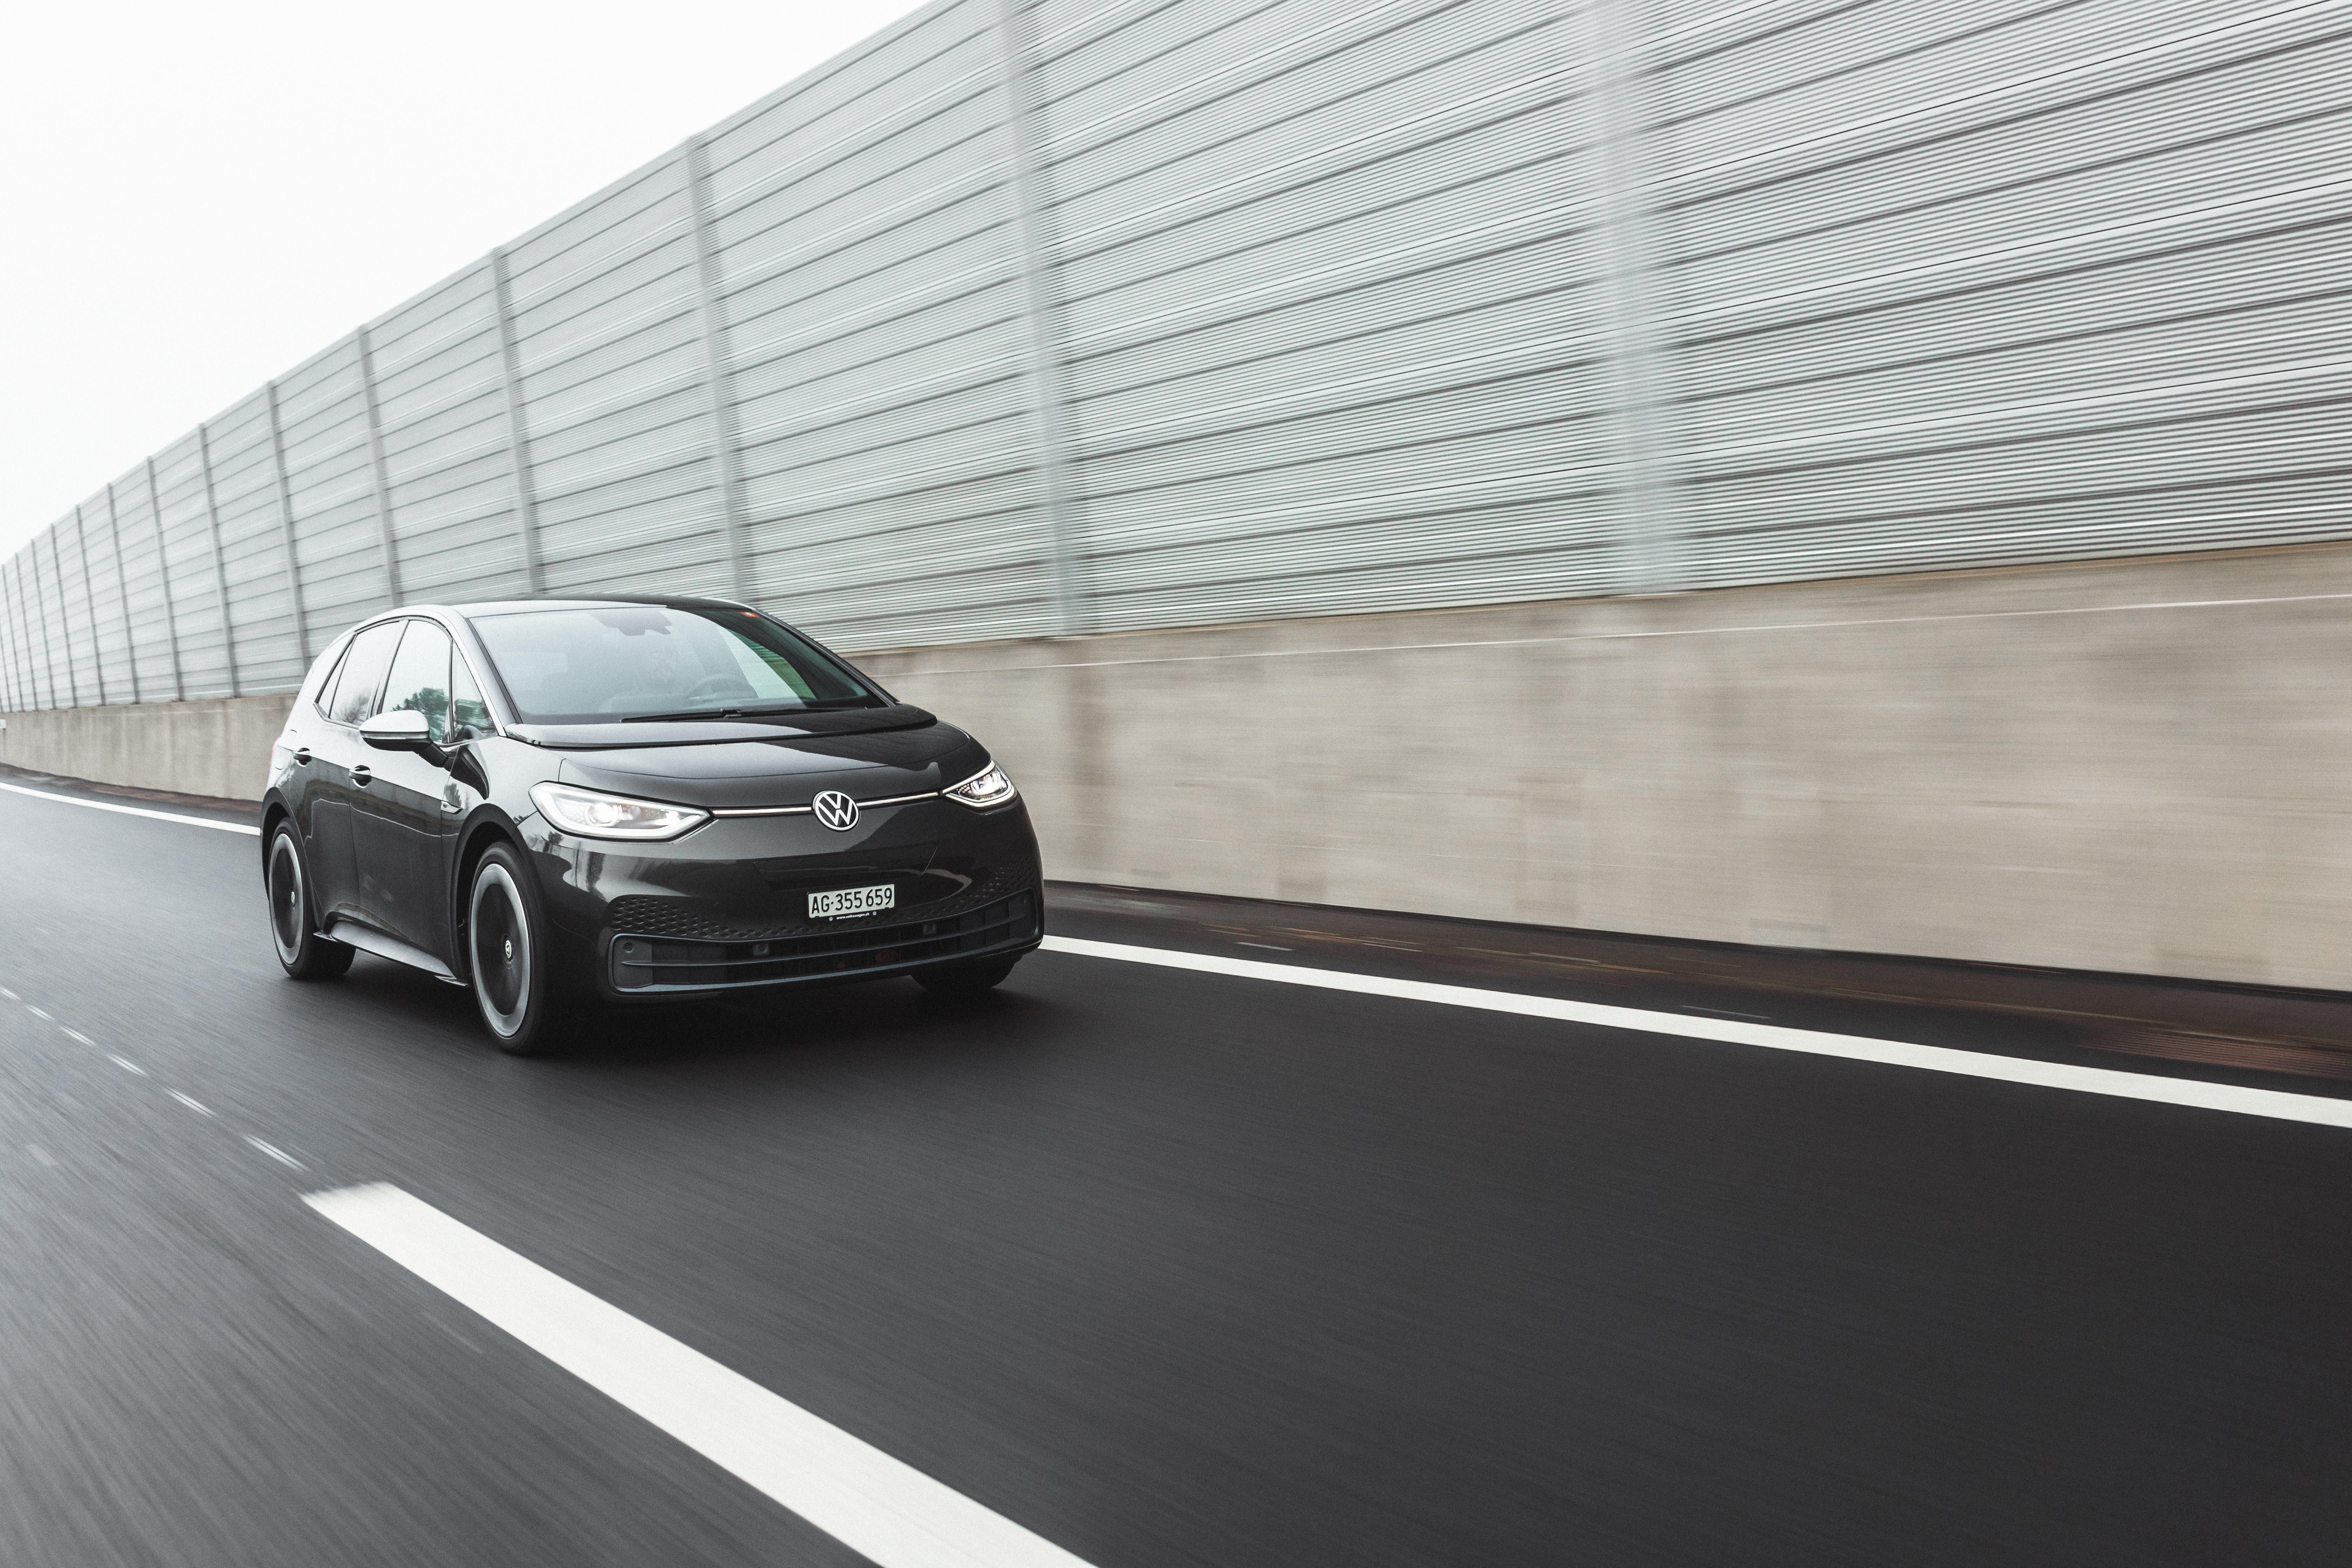 Auf der Autobahn schrumpft die Reichweite auf 200 bis 240 km.